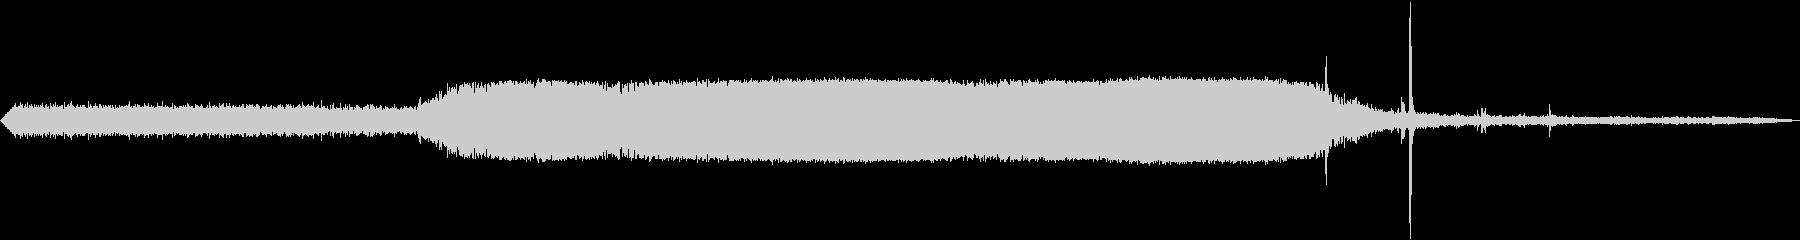 ディーゼルカーの出発 エンジン音の未再生の波形